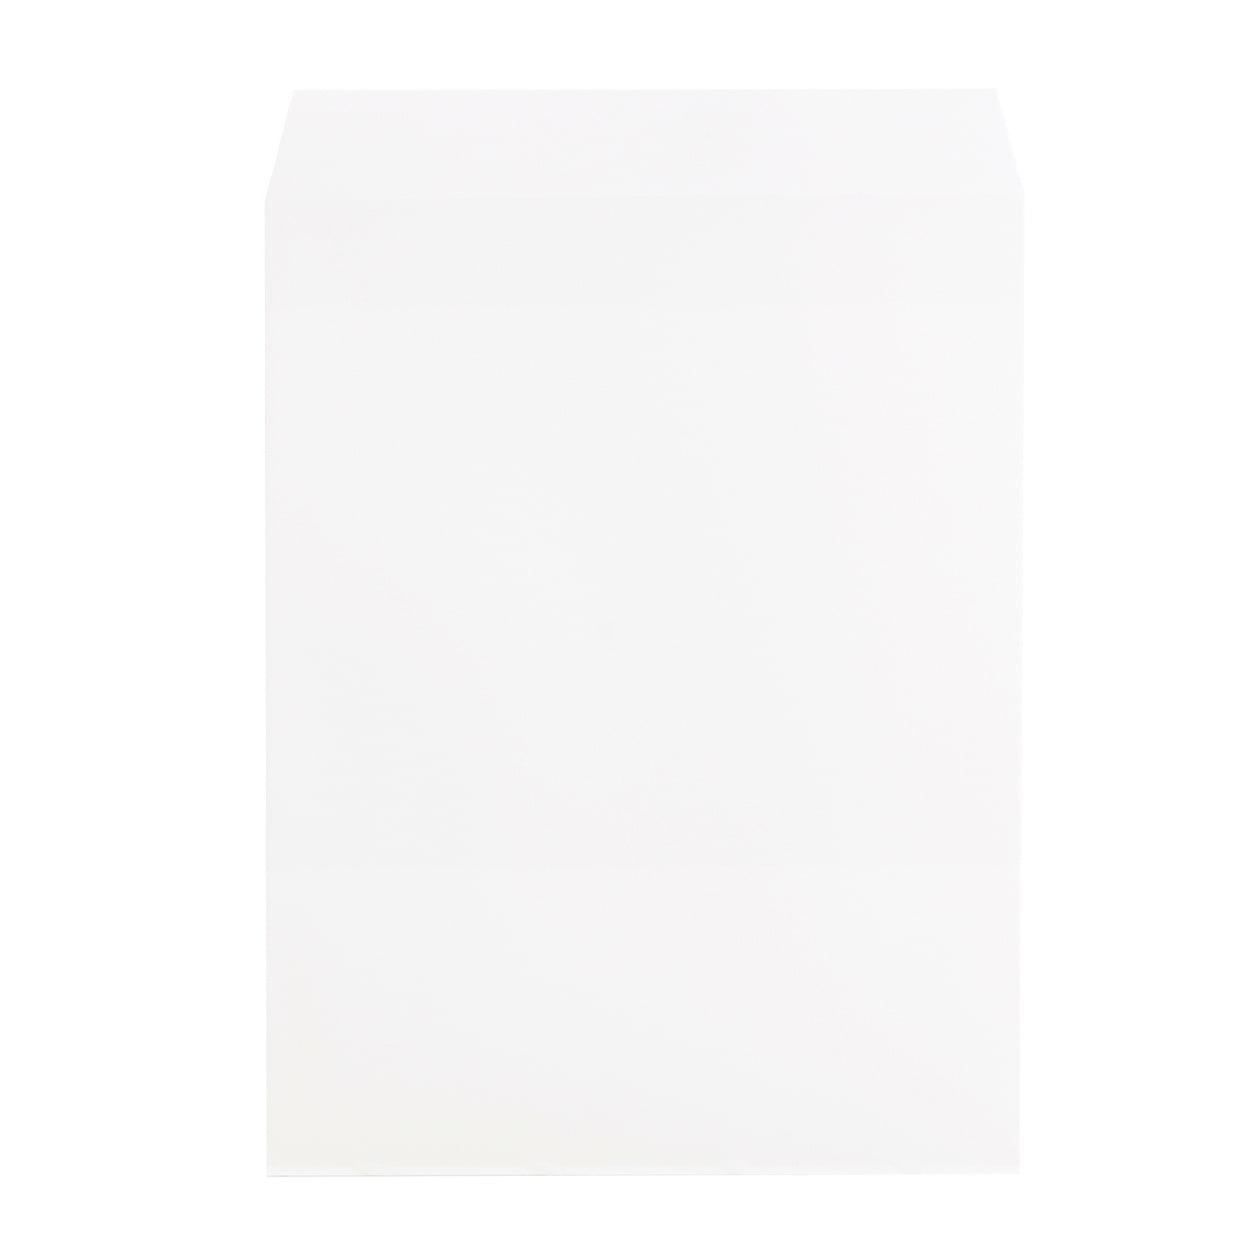 角3封筒 コットン スノーホワイト 116.3g